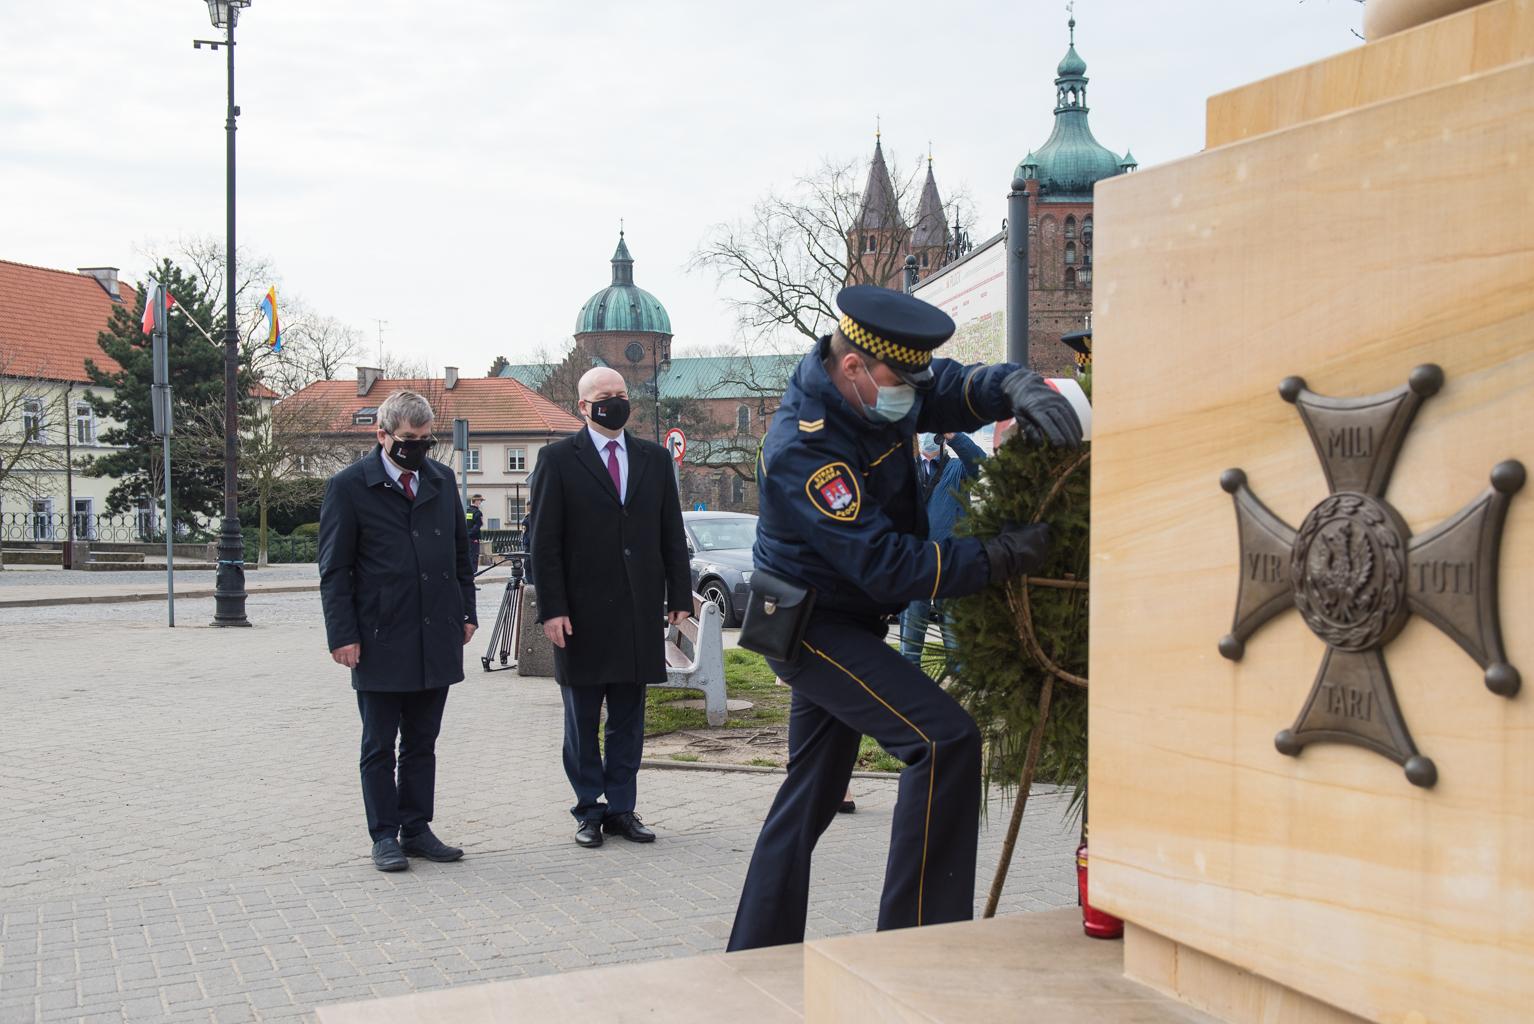 Miasto Bohater. Uroczystości w Płocku - Zdjęcie główne